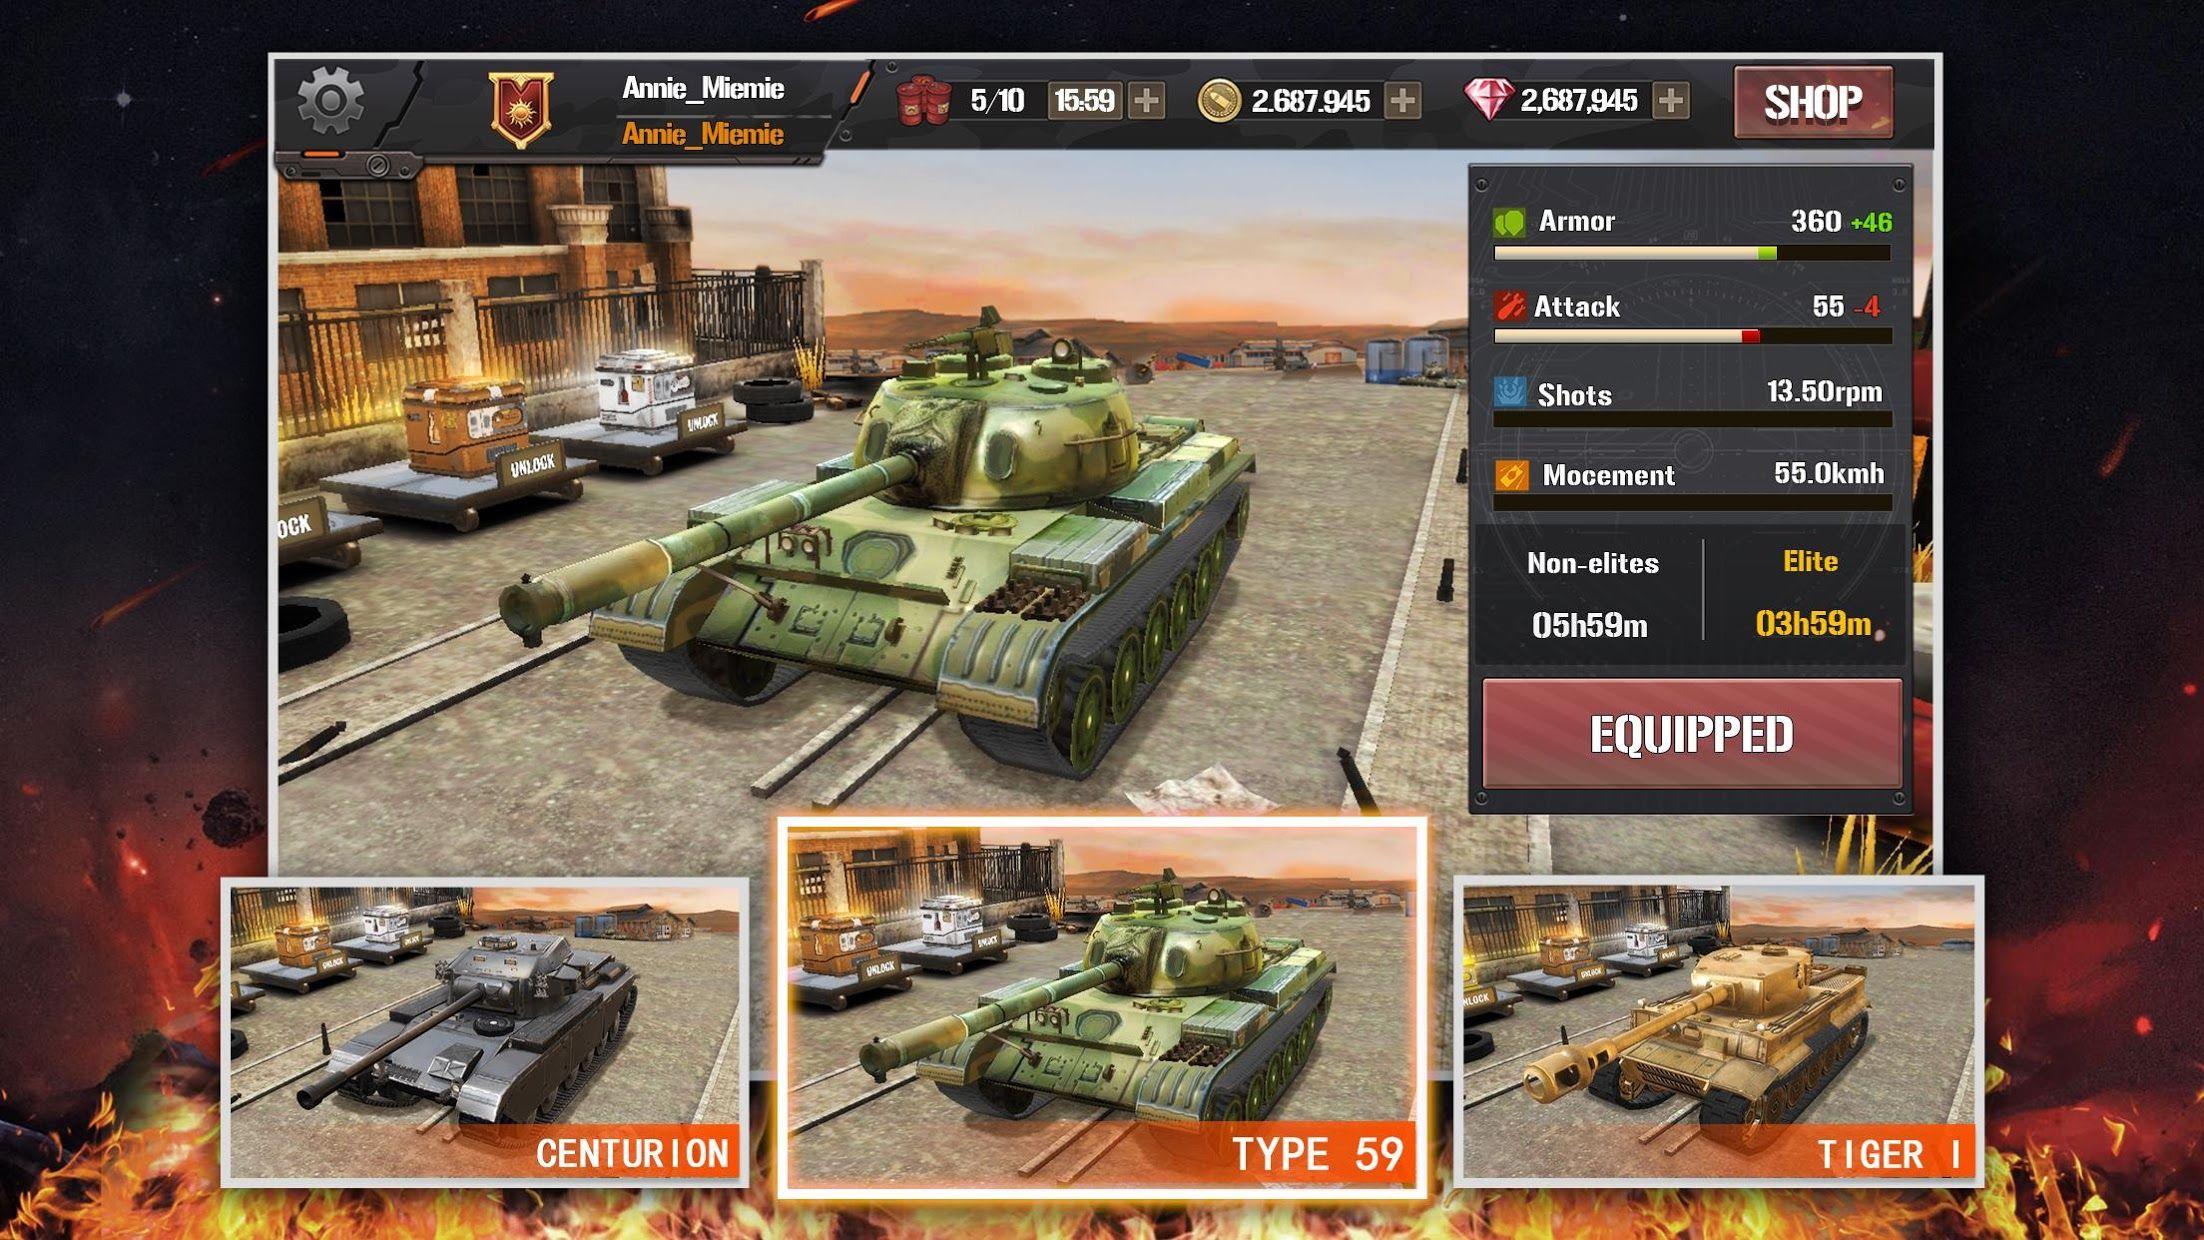 狂怒坦克:世界之巅,生存大战 游戏截图4